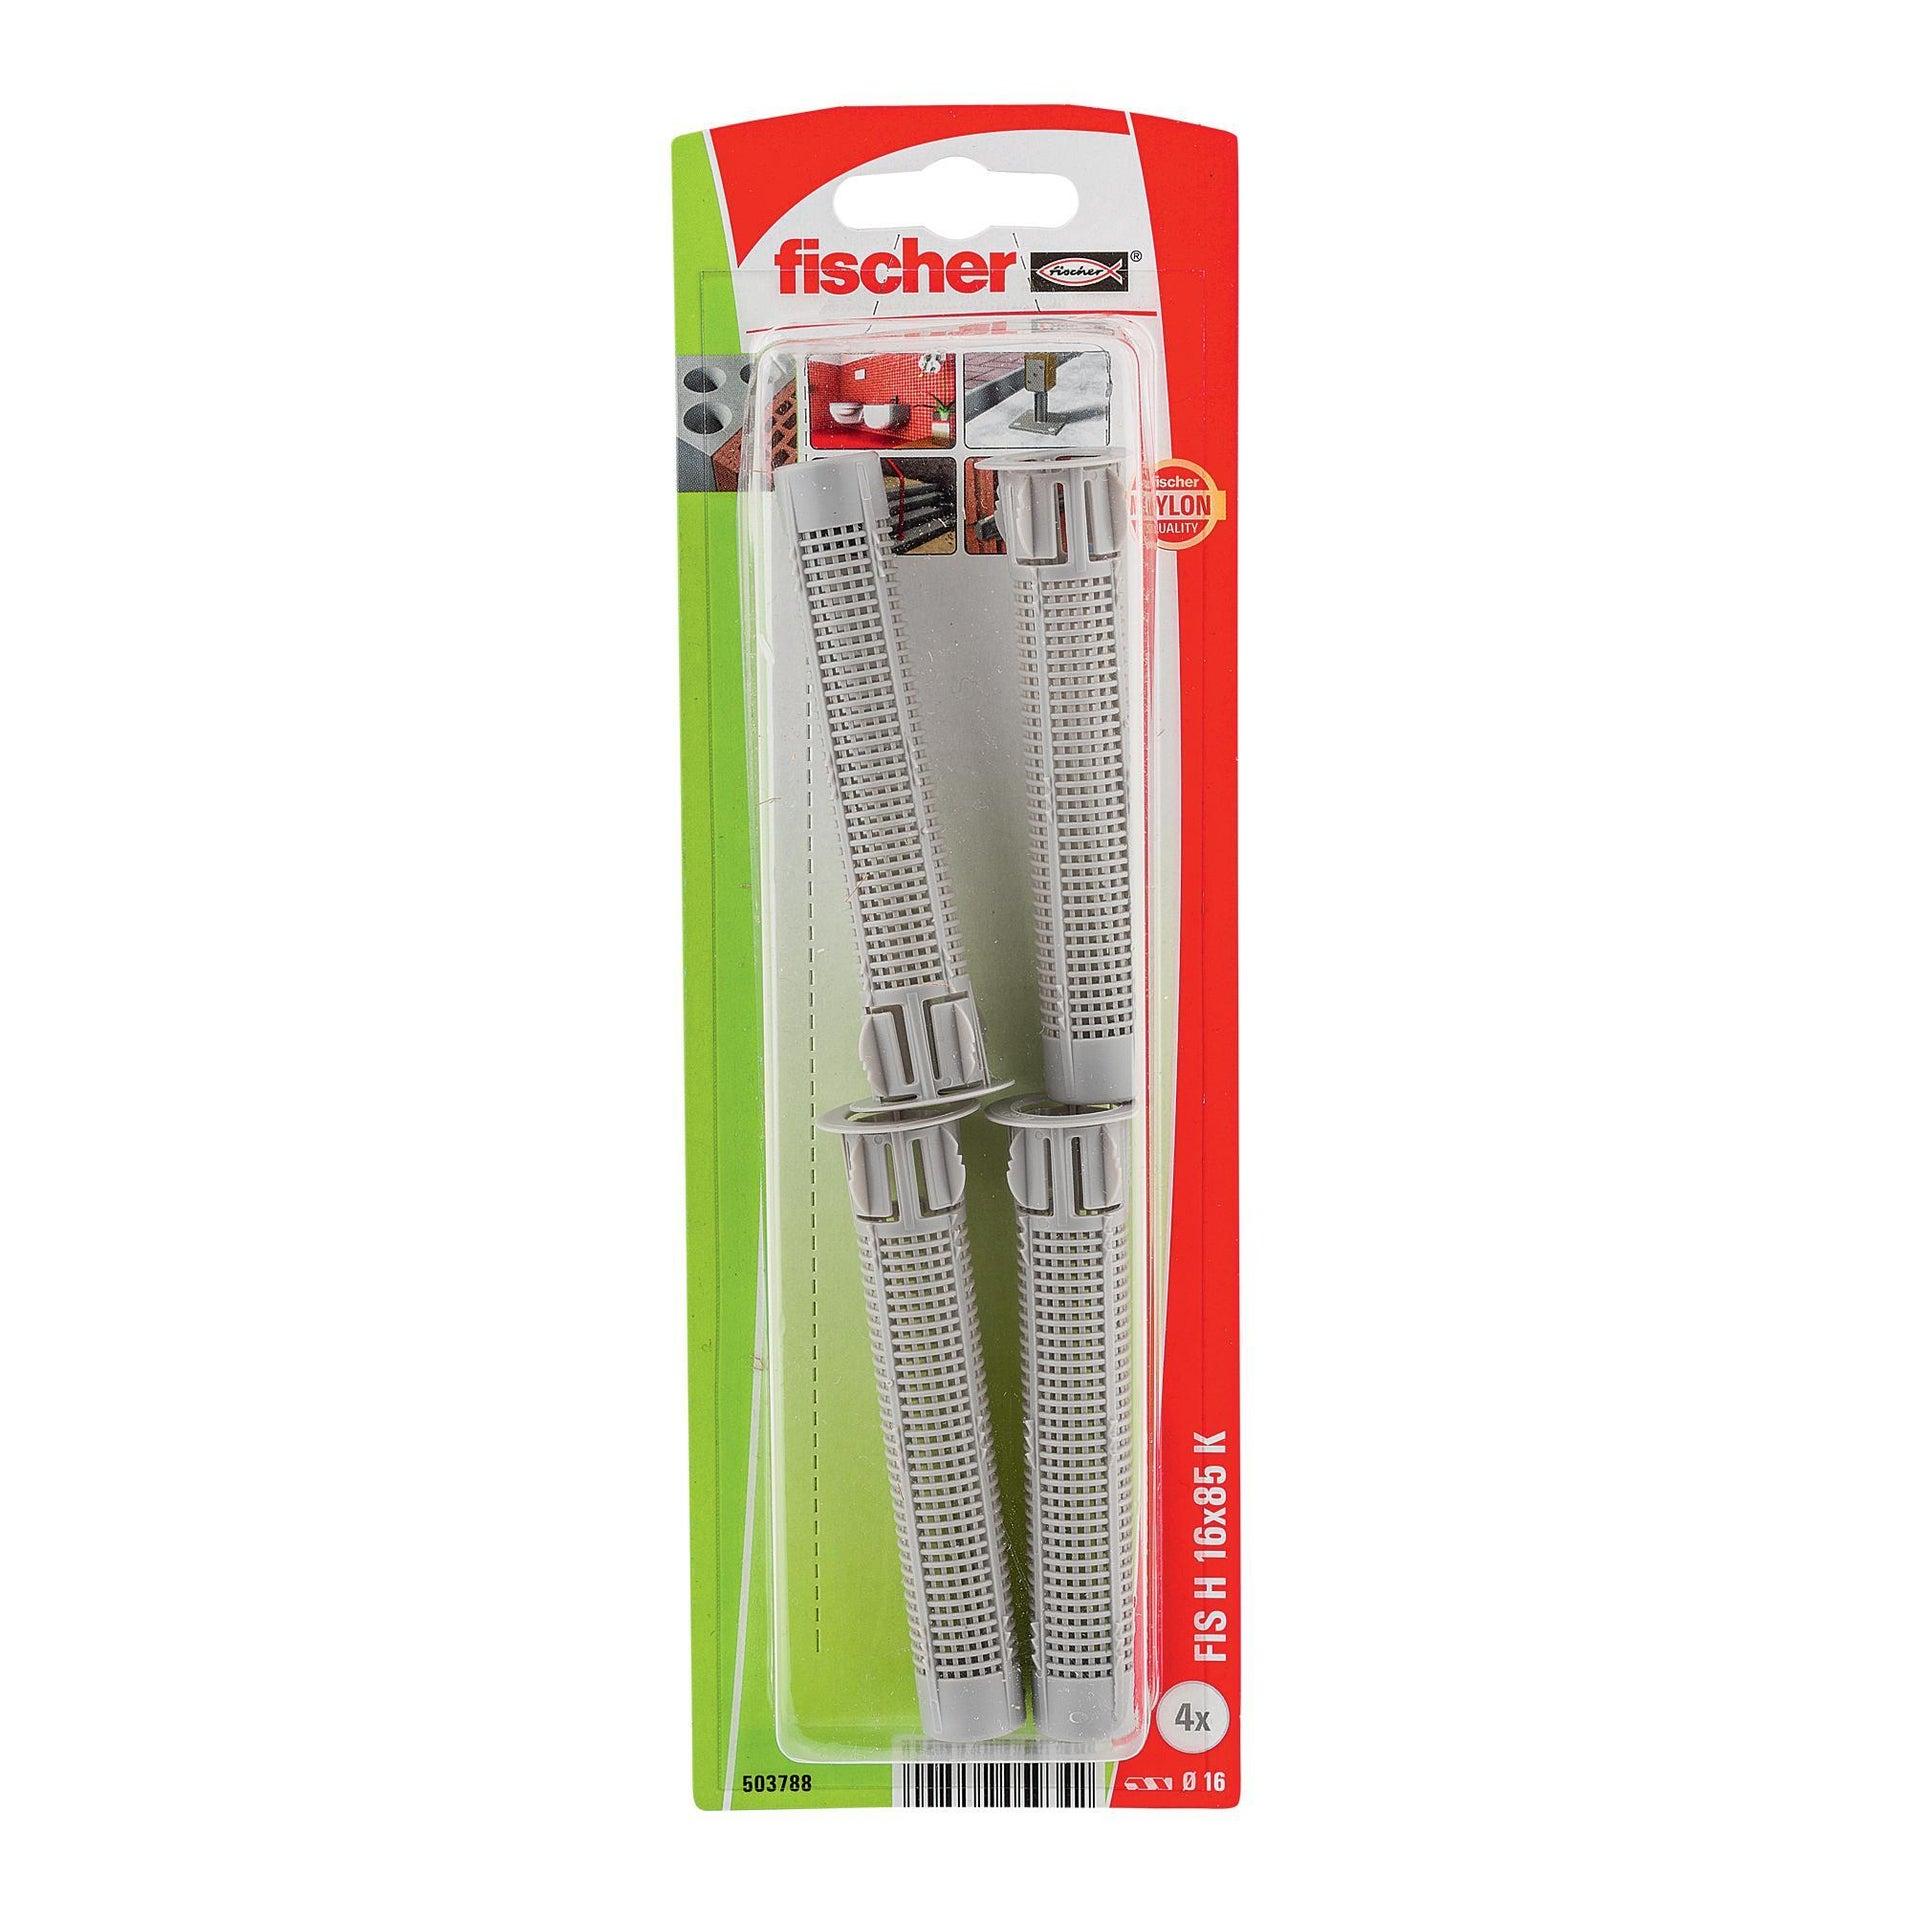 Tassello per ancoraggio chimico FISCHER L 85 mm, Ø 16 mm, 4 pezzi